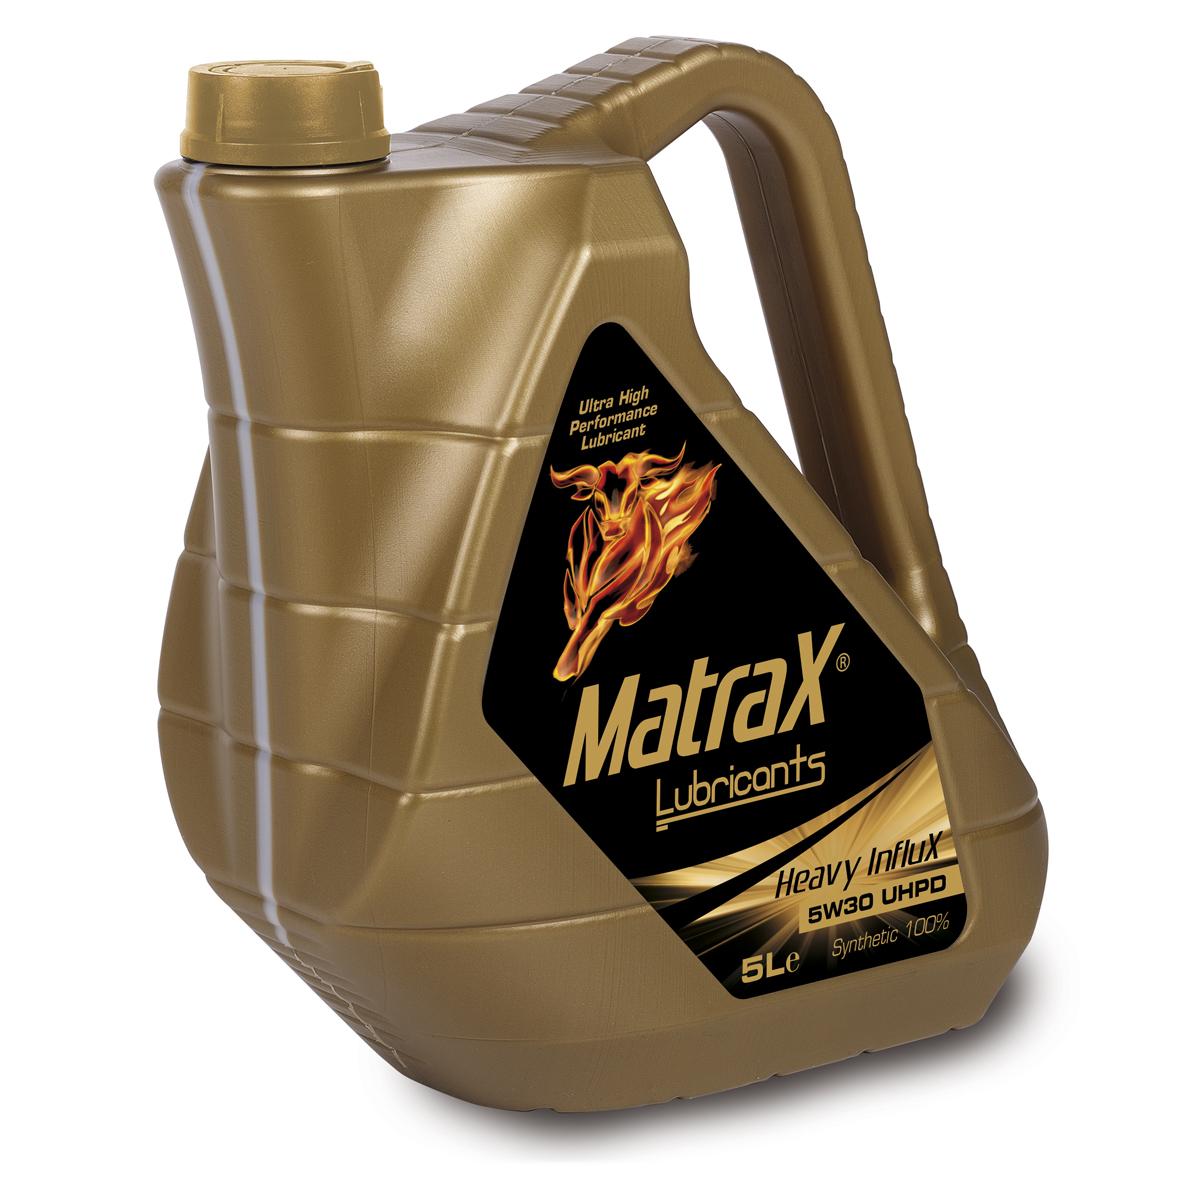 MatraX Heavy InfluX 5W30 UHPD